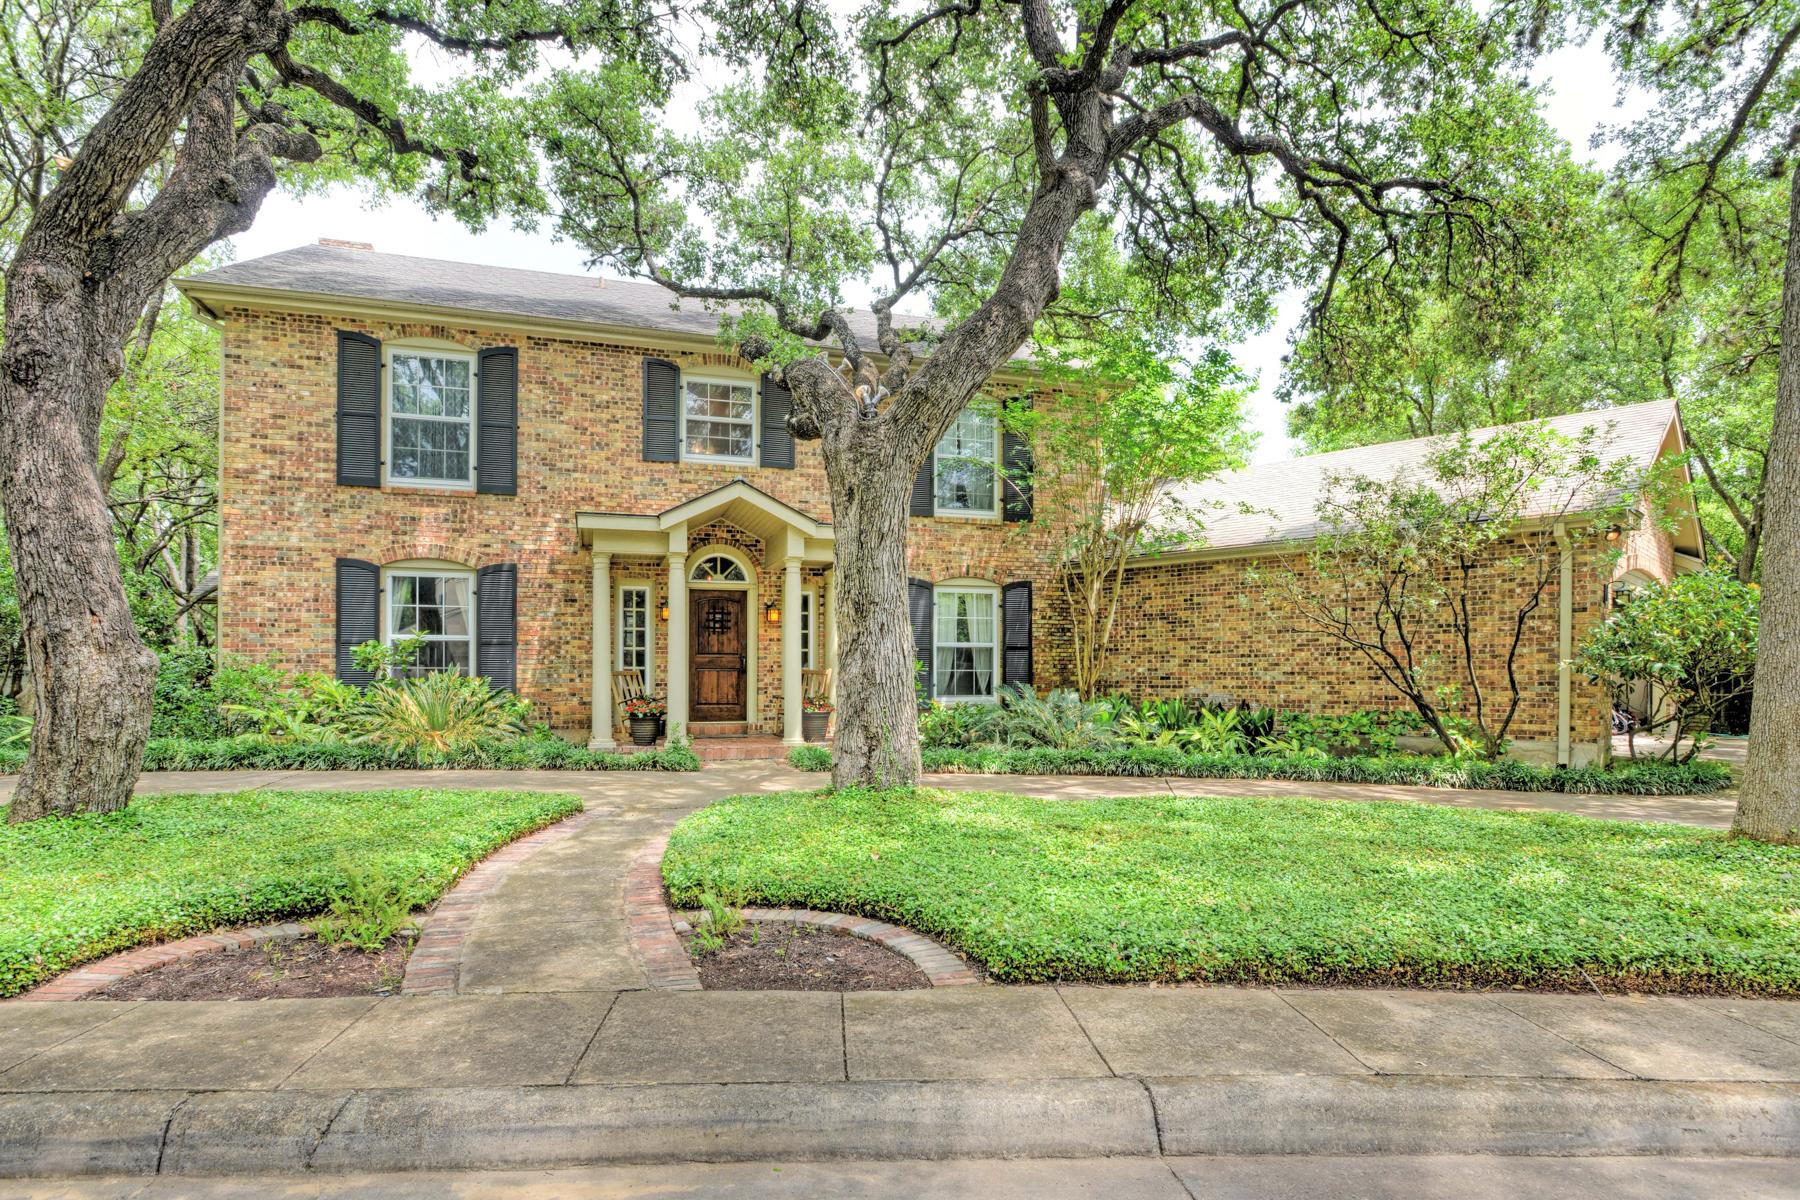 Maison unifamiliale pour l Vente à Beautiful Home in Northwood 2 Dorchester Pl Northwood, San Antonio, Texas, 78209 États-Unis